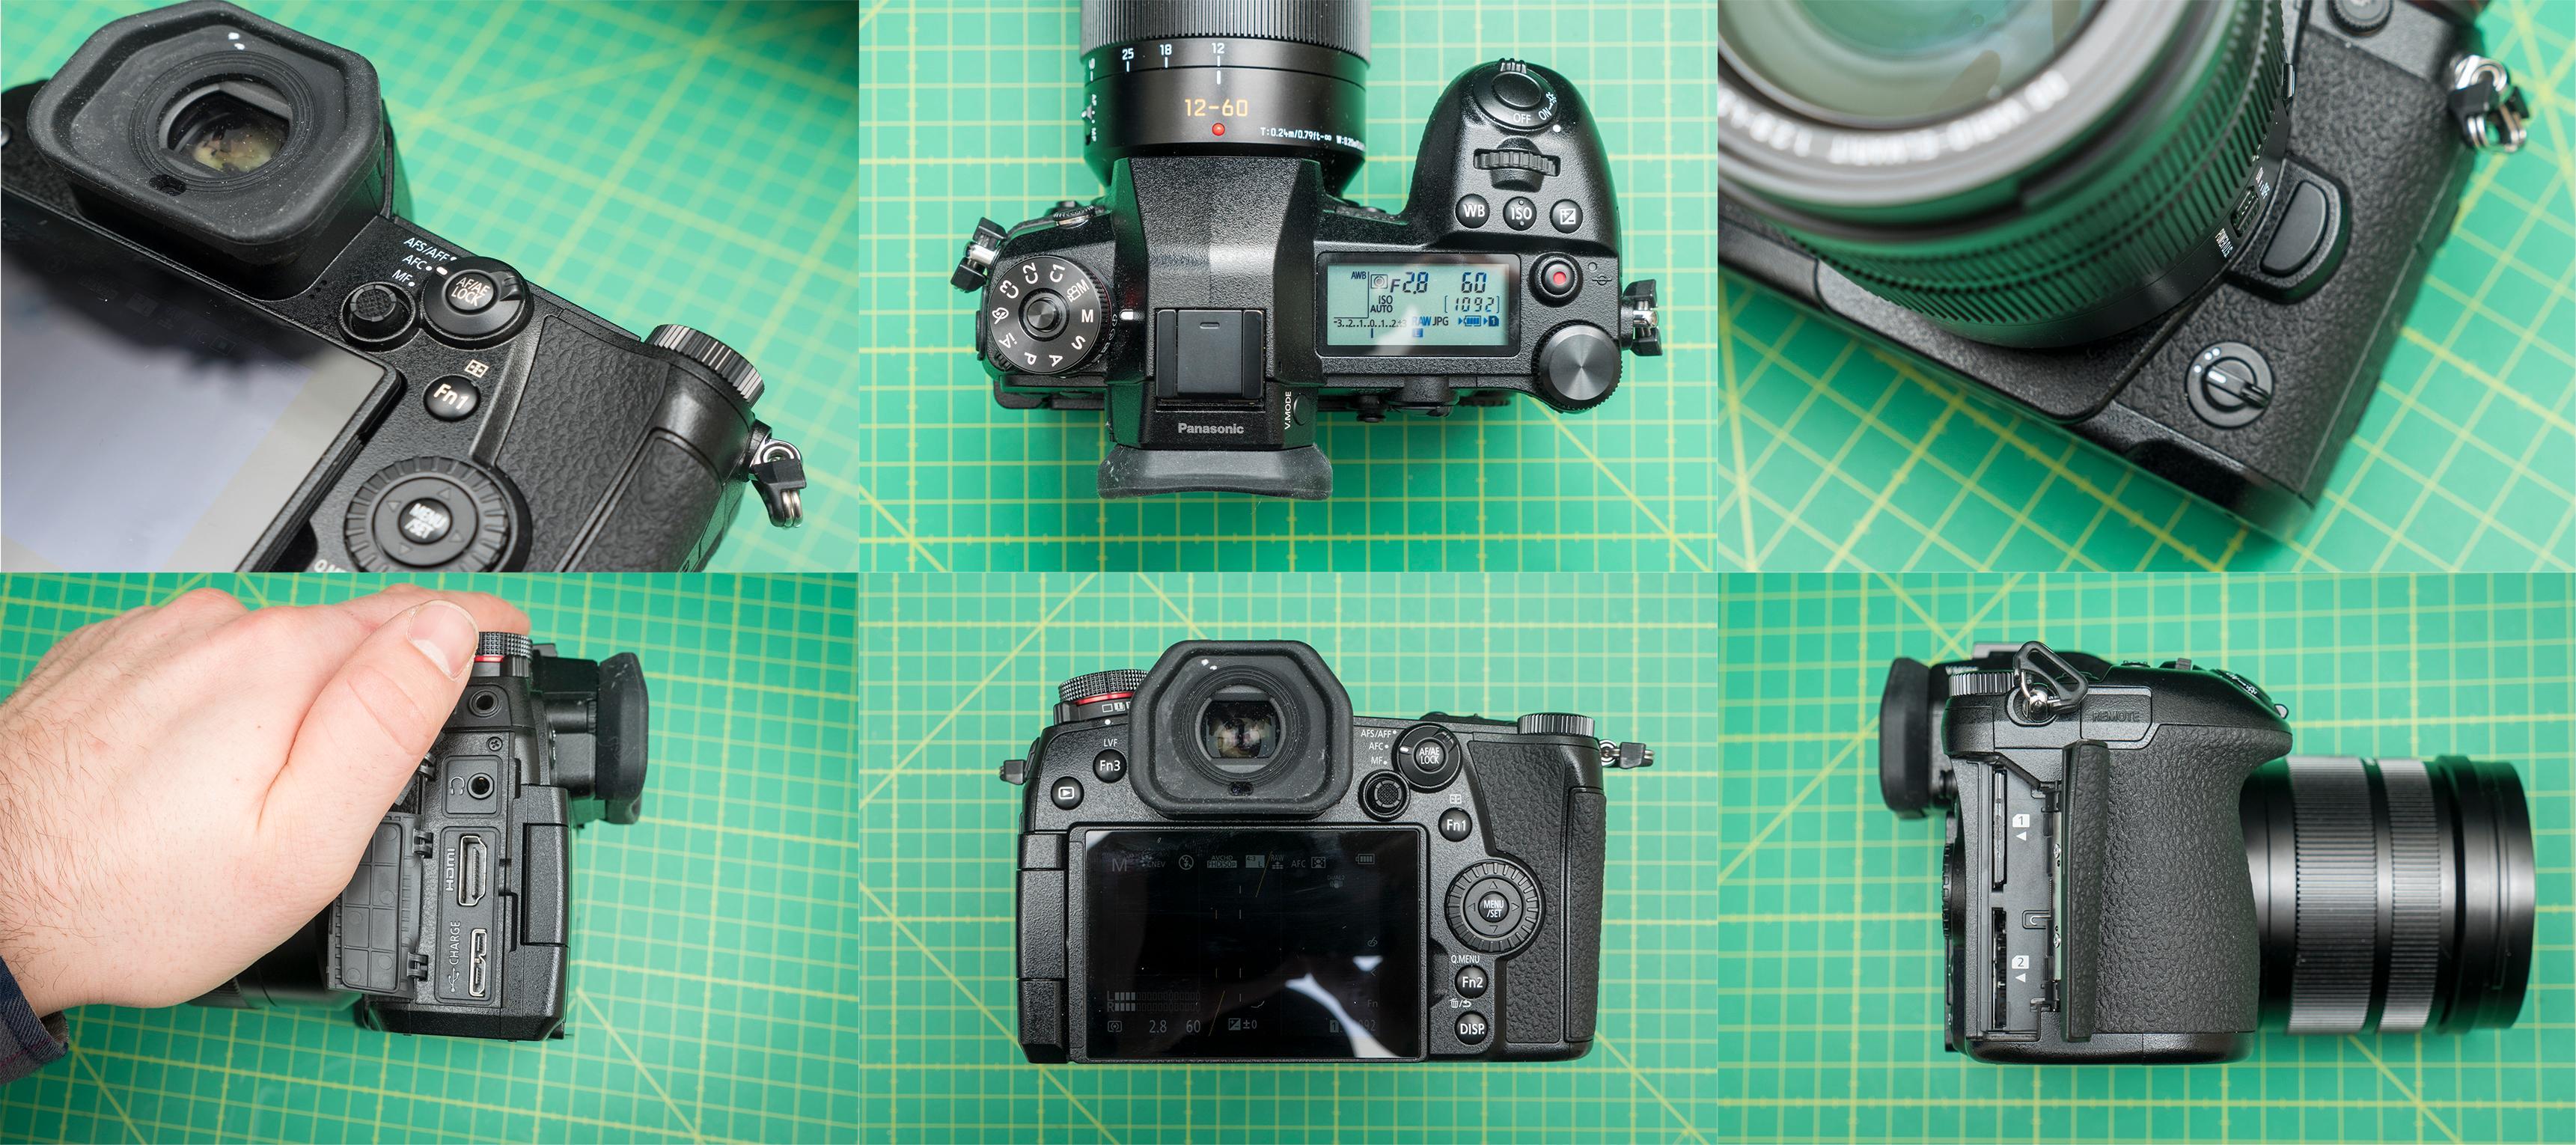 Masser av knapper, brytere, fokusspak, dobbel minnekortbrønn, port for HDMI, USB-3.0, minijack og mikrofon. Bilde: Kristoffer Møllevik